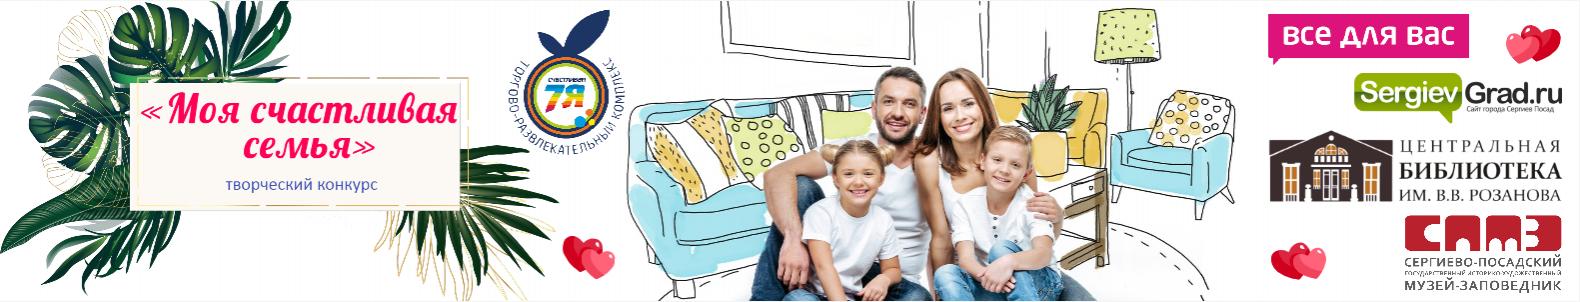 Конкурс «Моя счастливая семья»